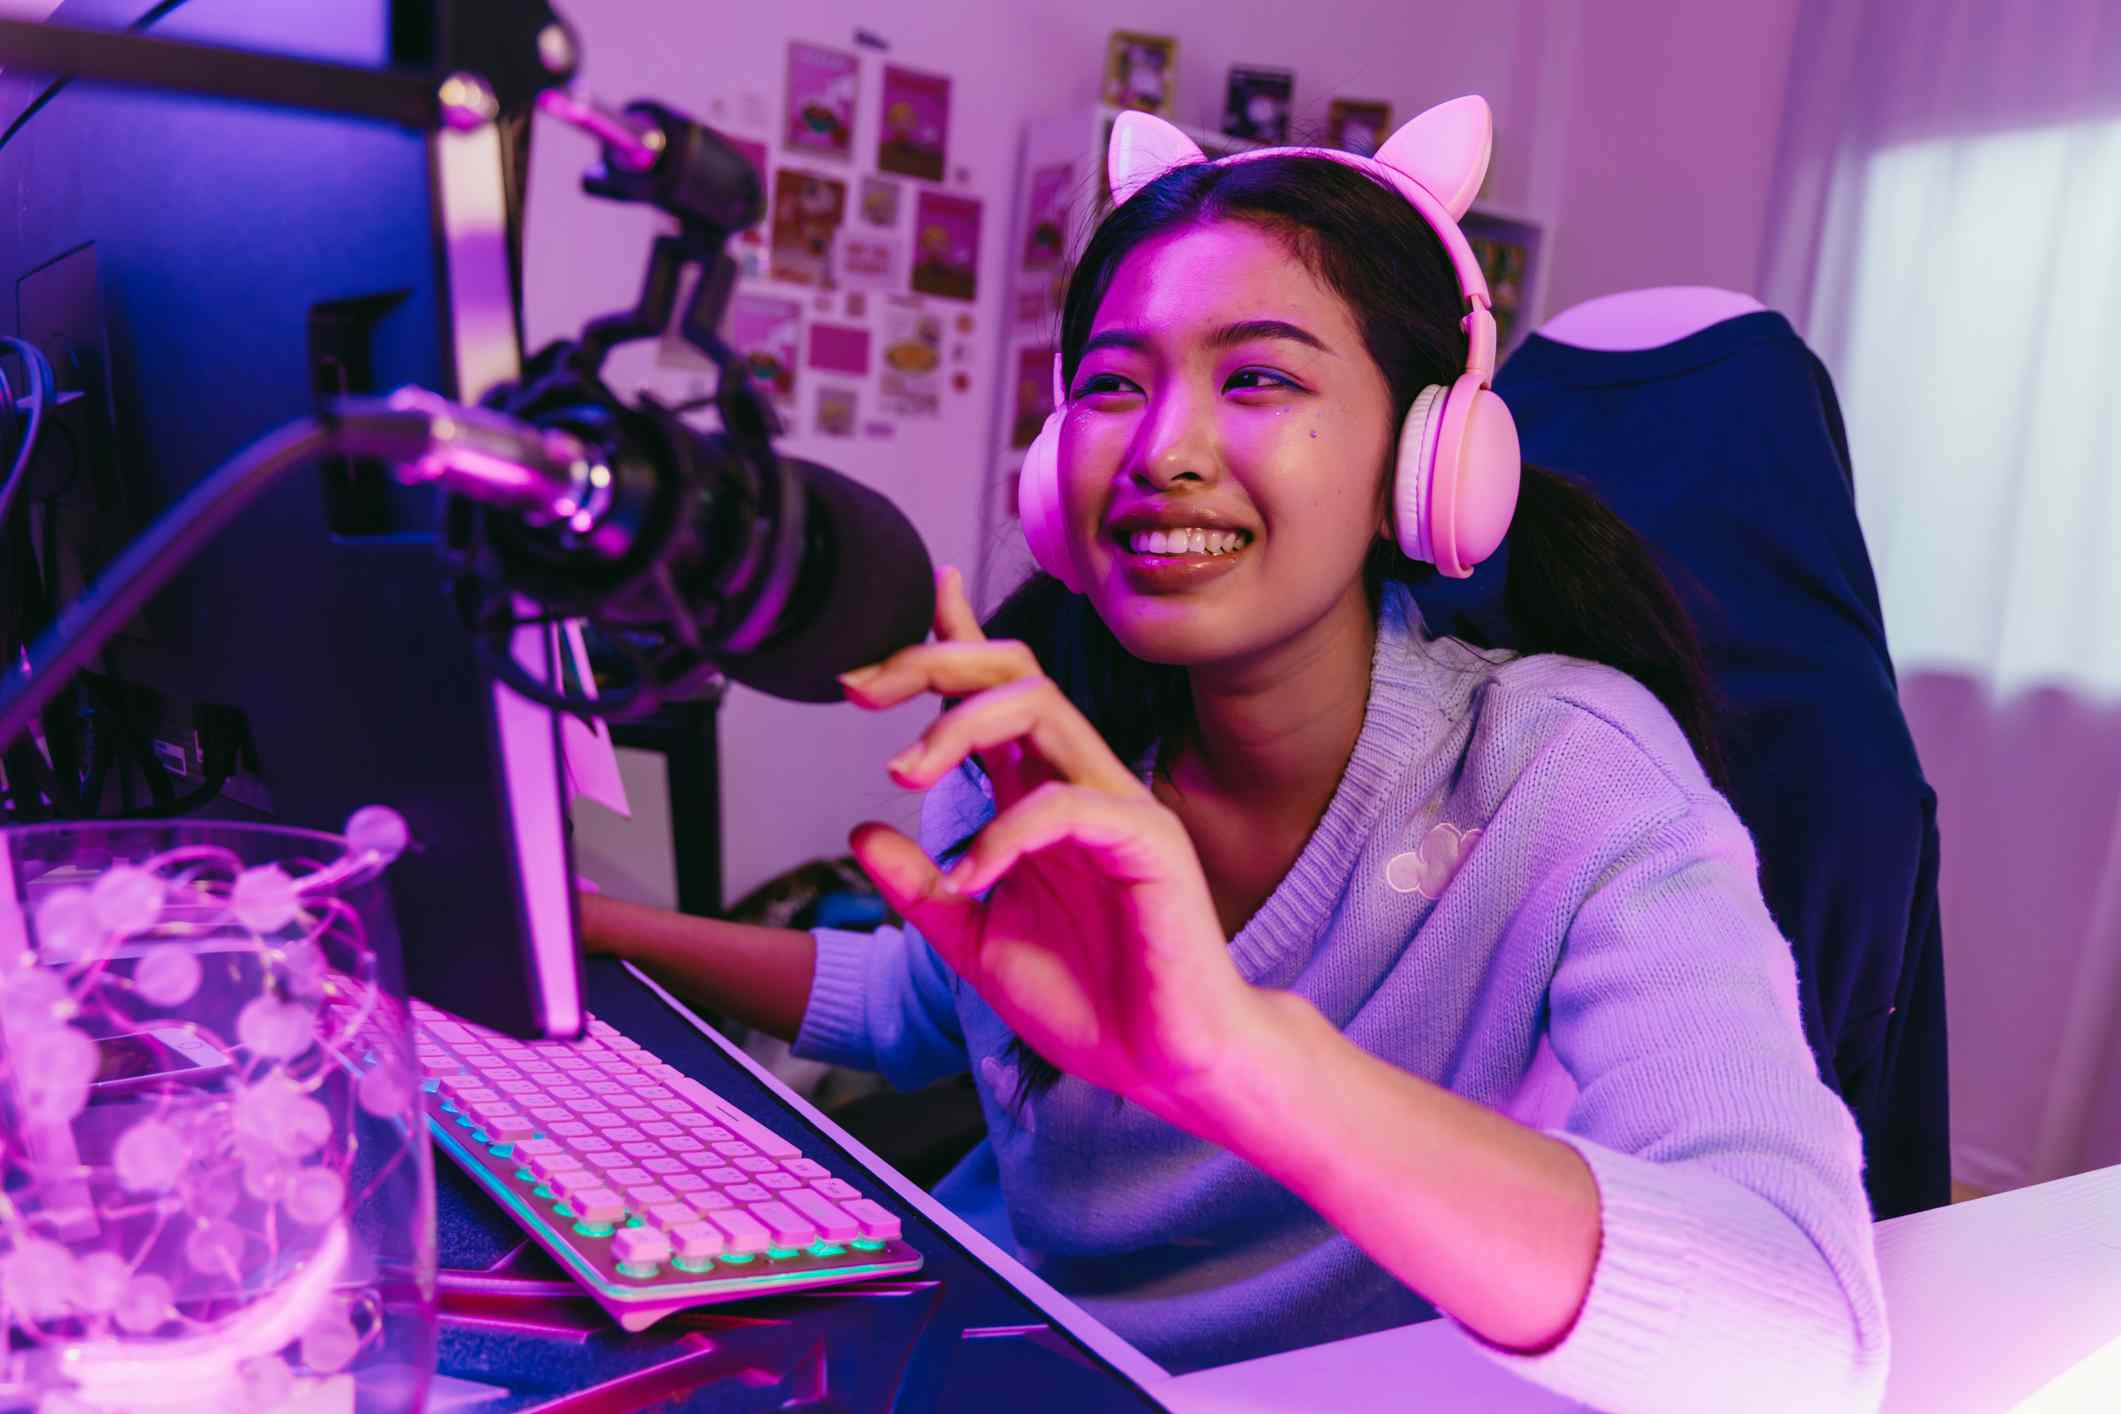 Livestreamer smile